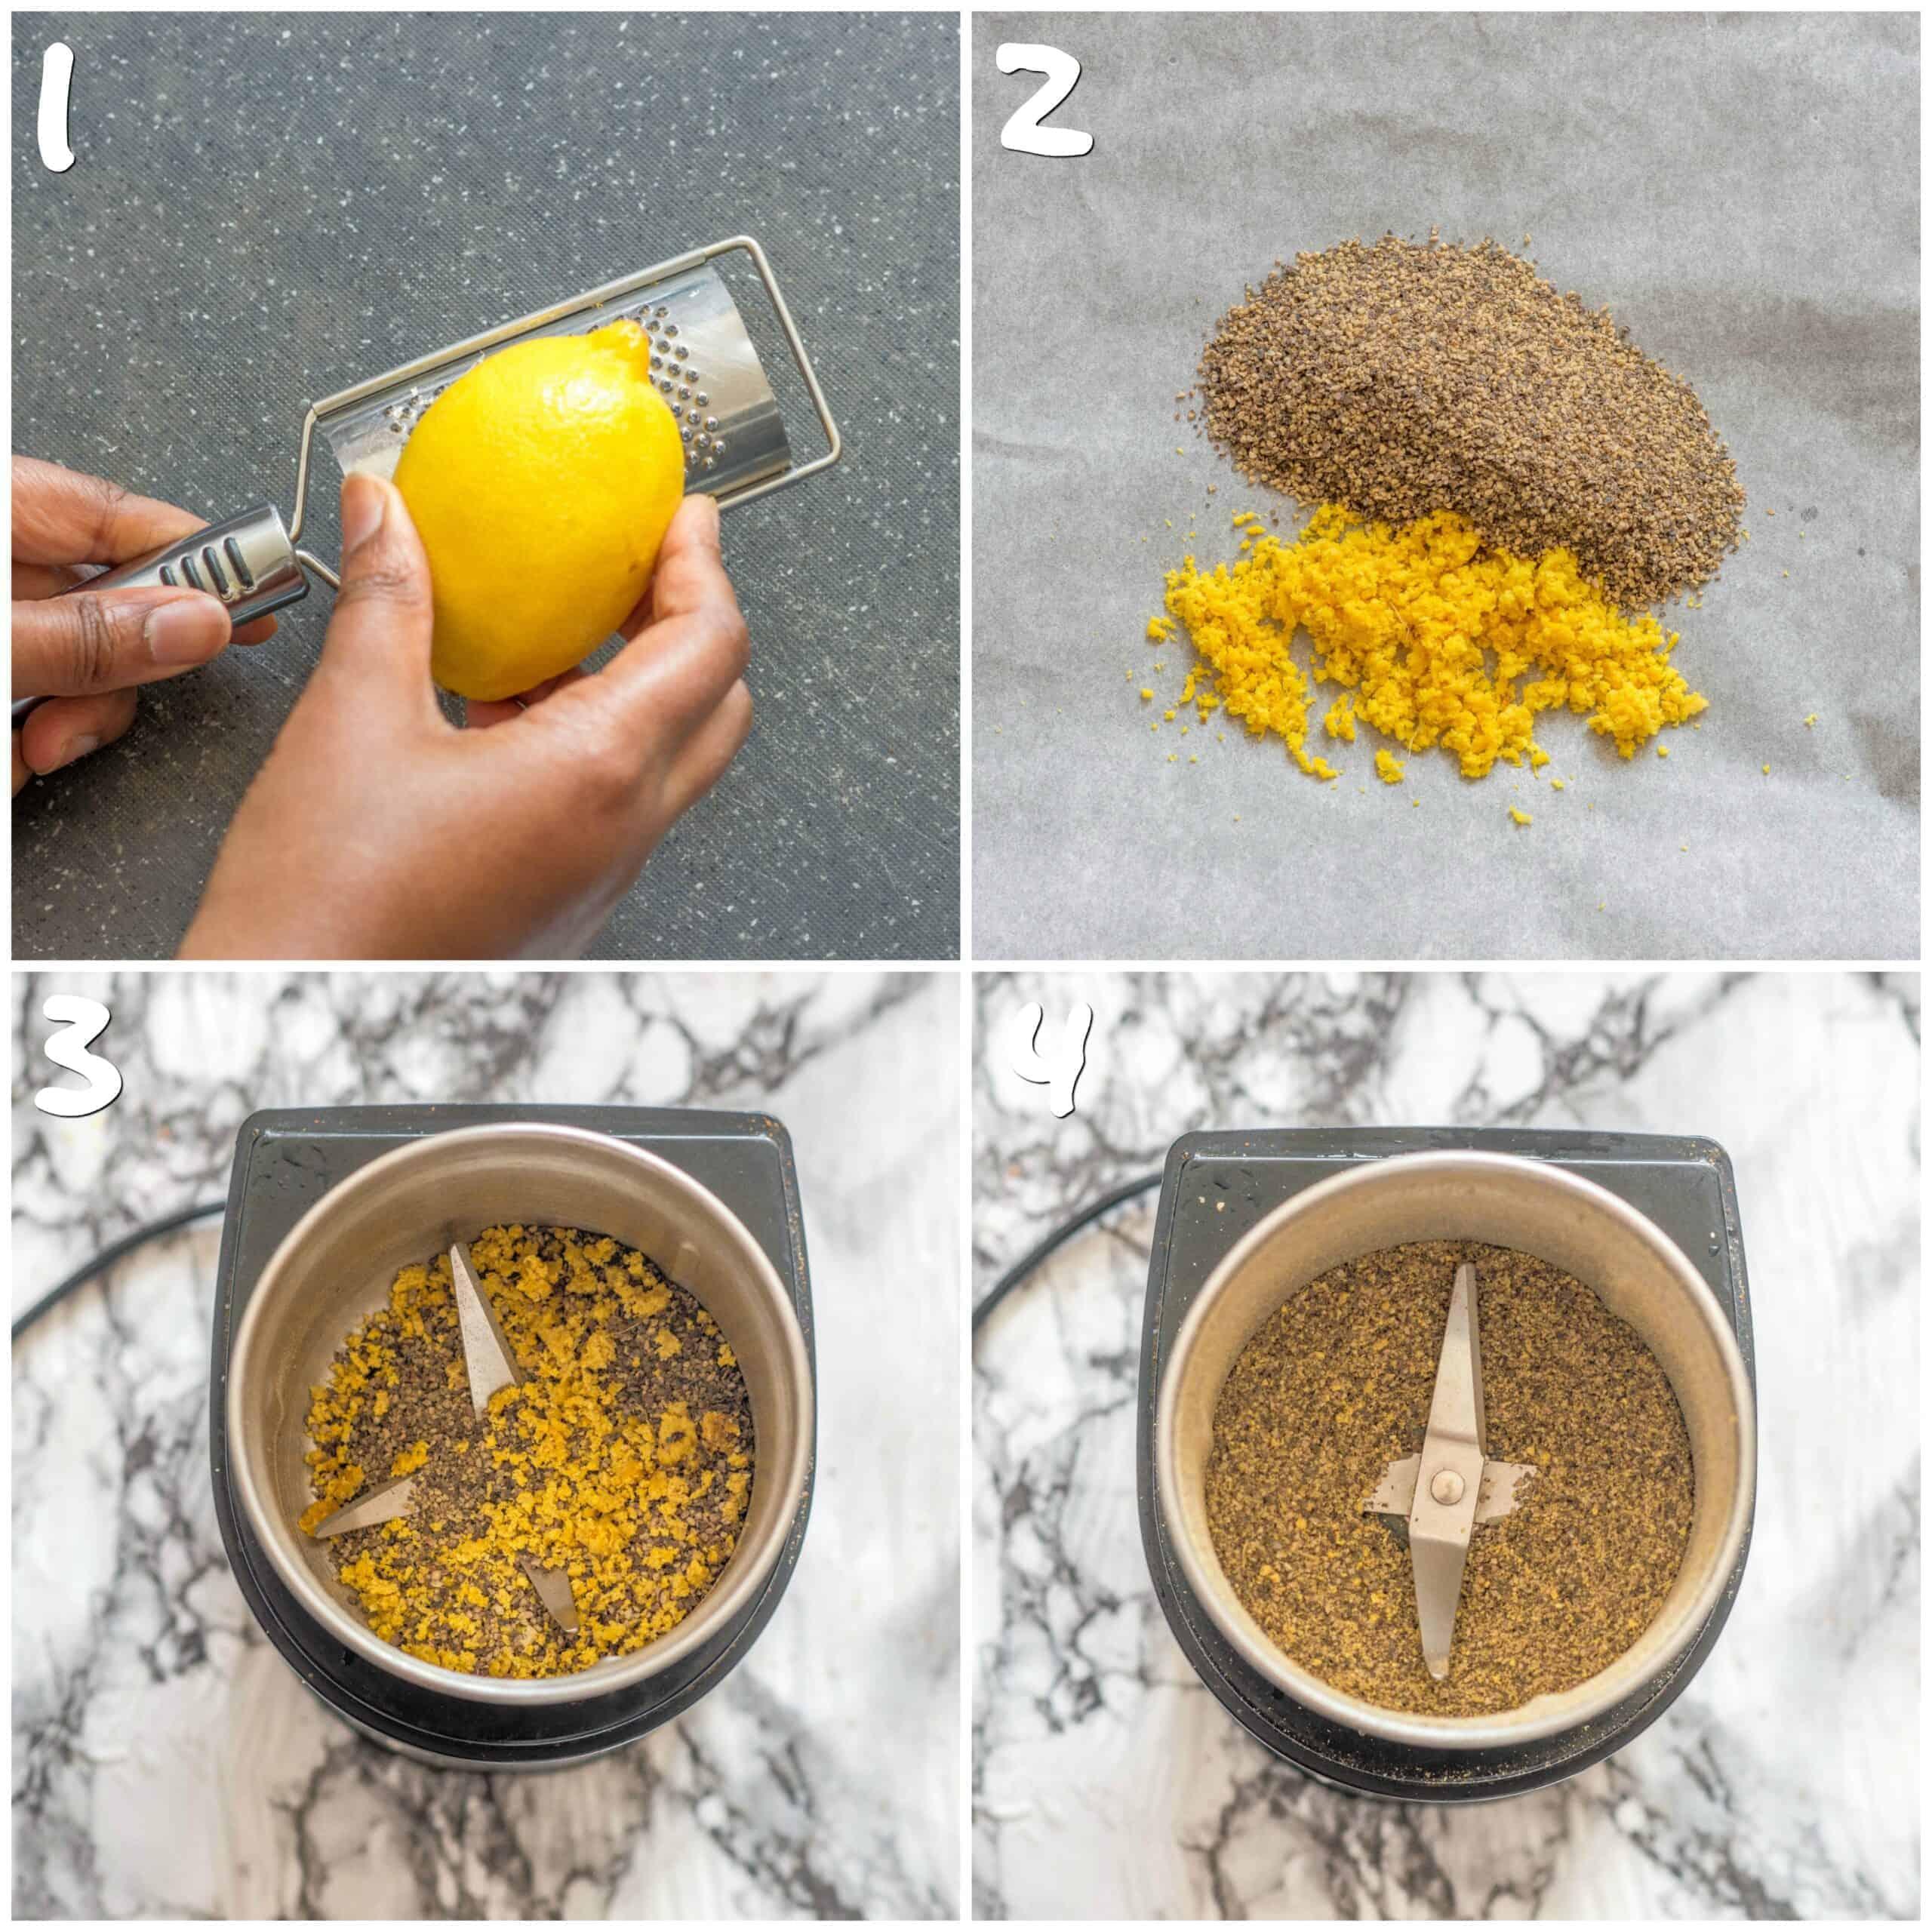 steps 1-4 preparing the seasoning